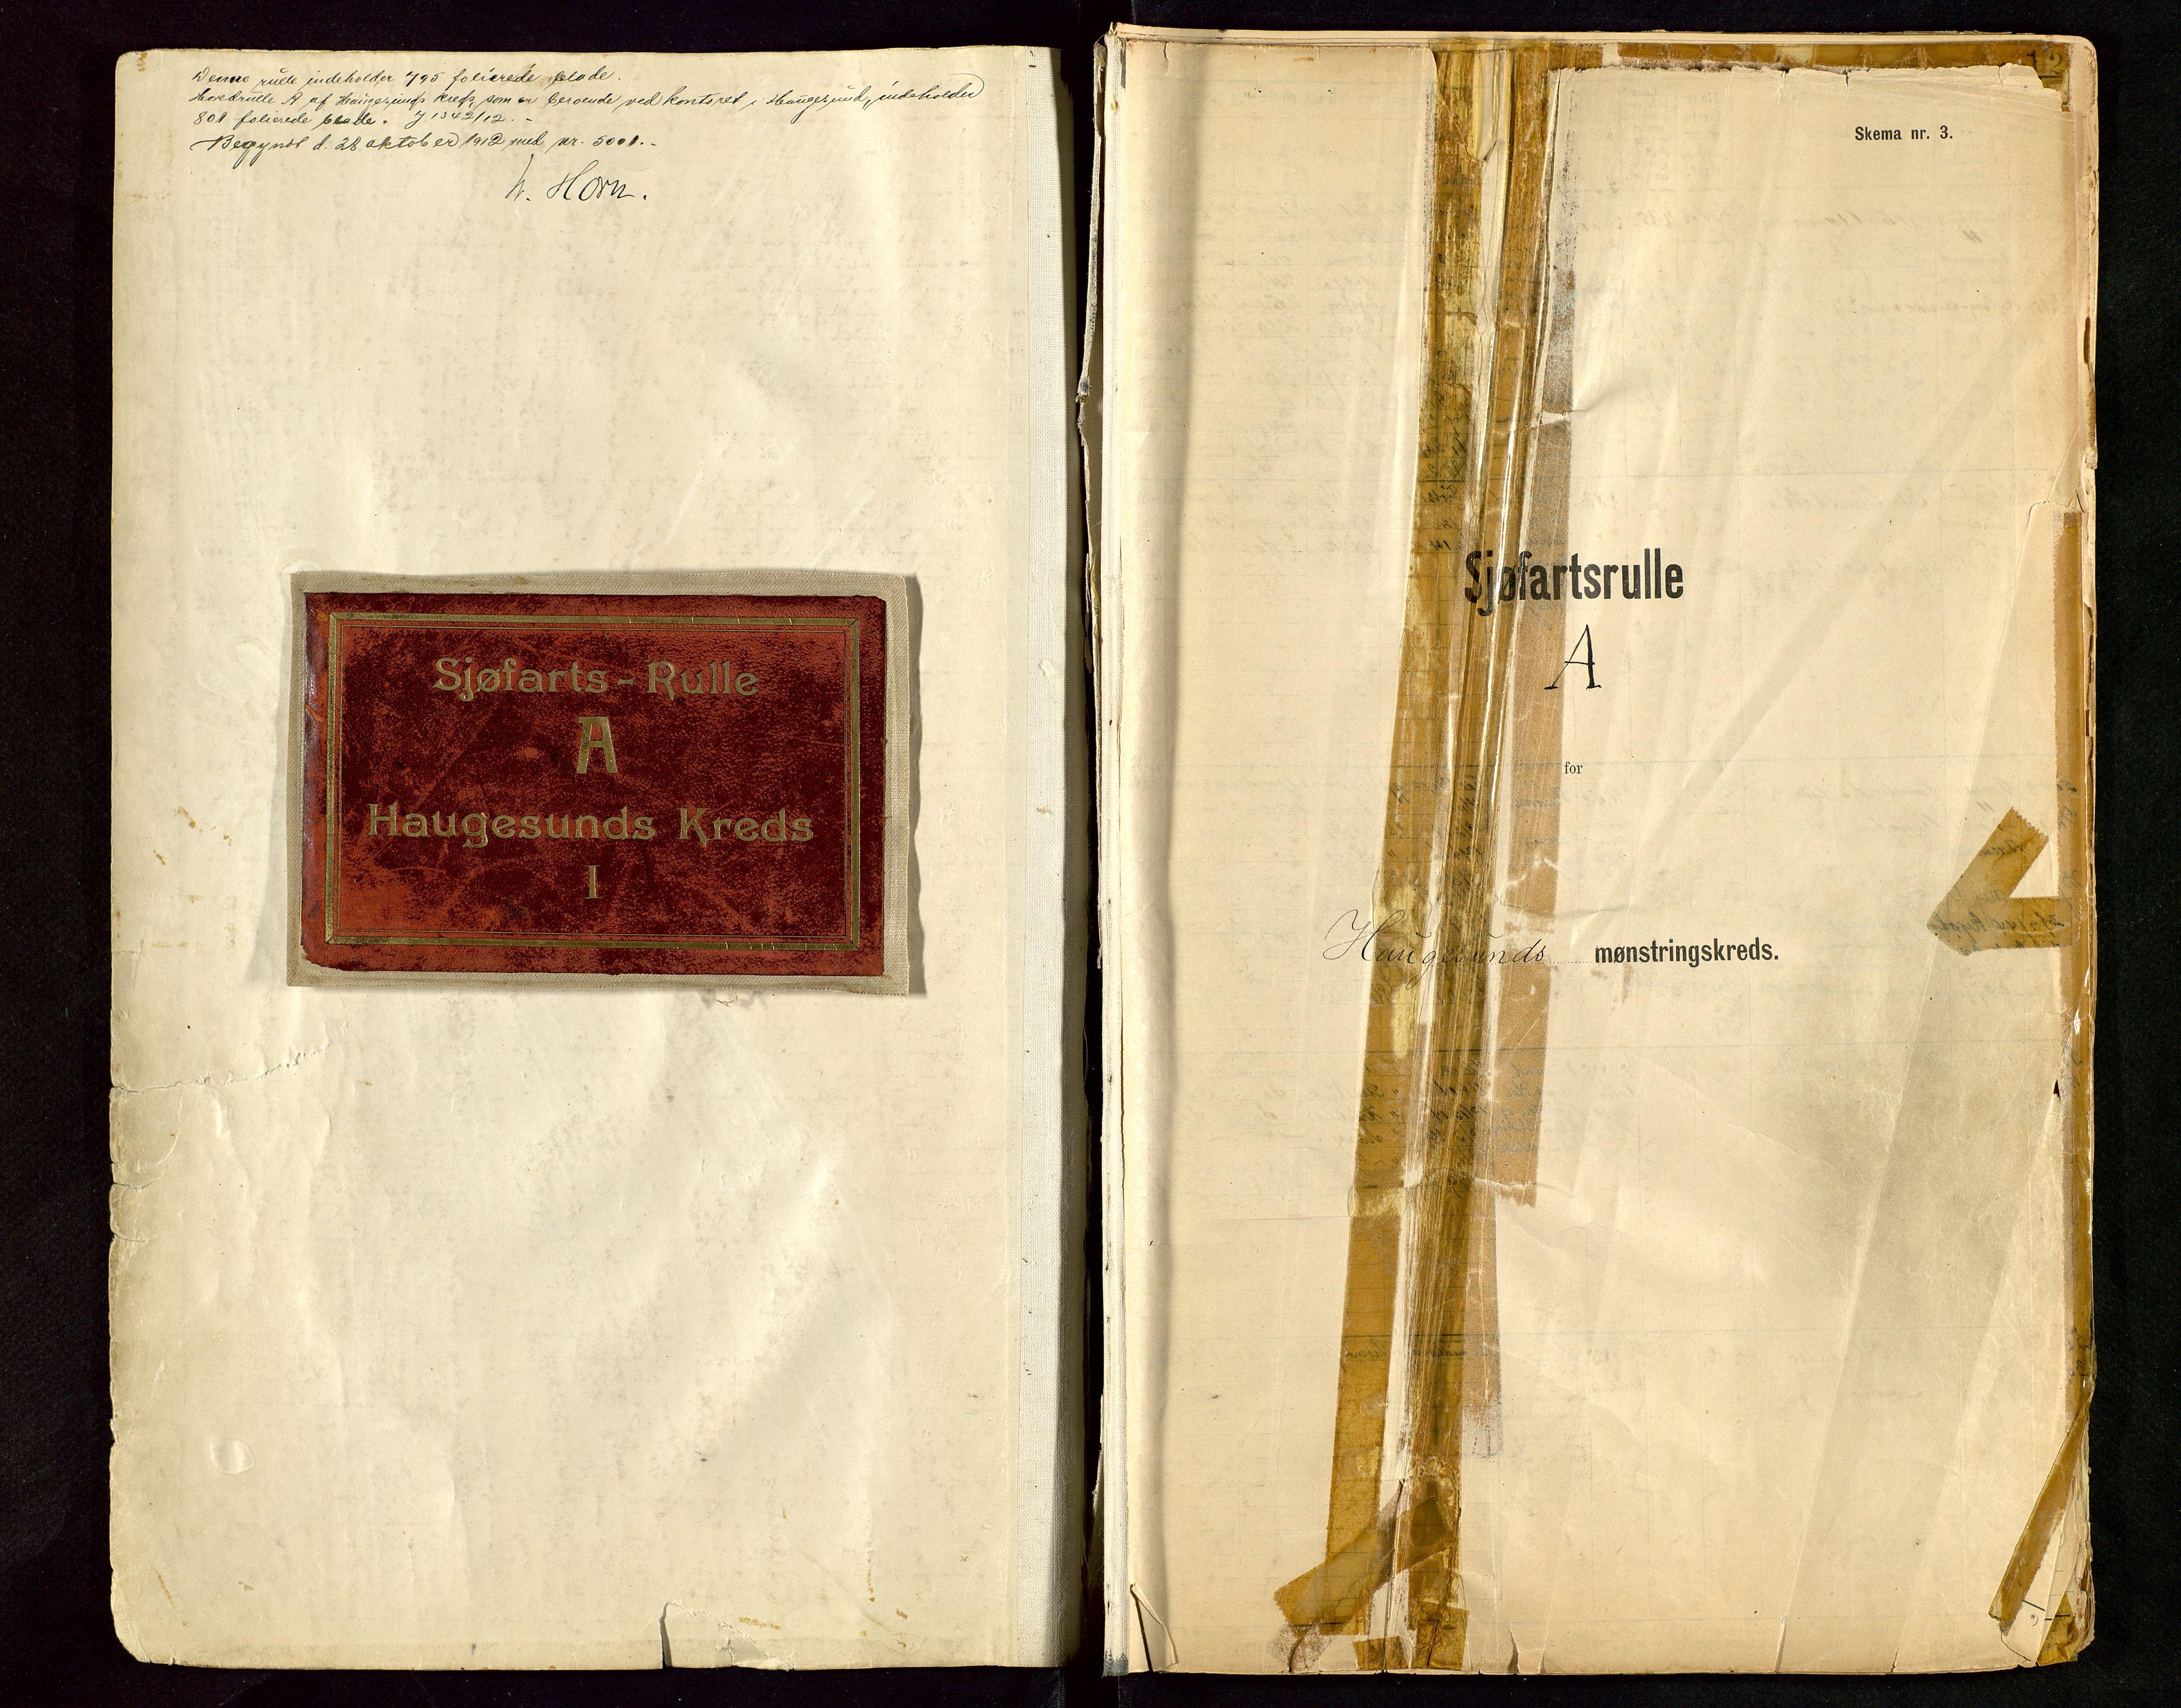 SAST, Haugesund sjømannskontor, F/Fb/Fbb/L0015: Sjøfartsrulle A Haugesund krets I nr 5001-8970, 1912-1948